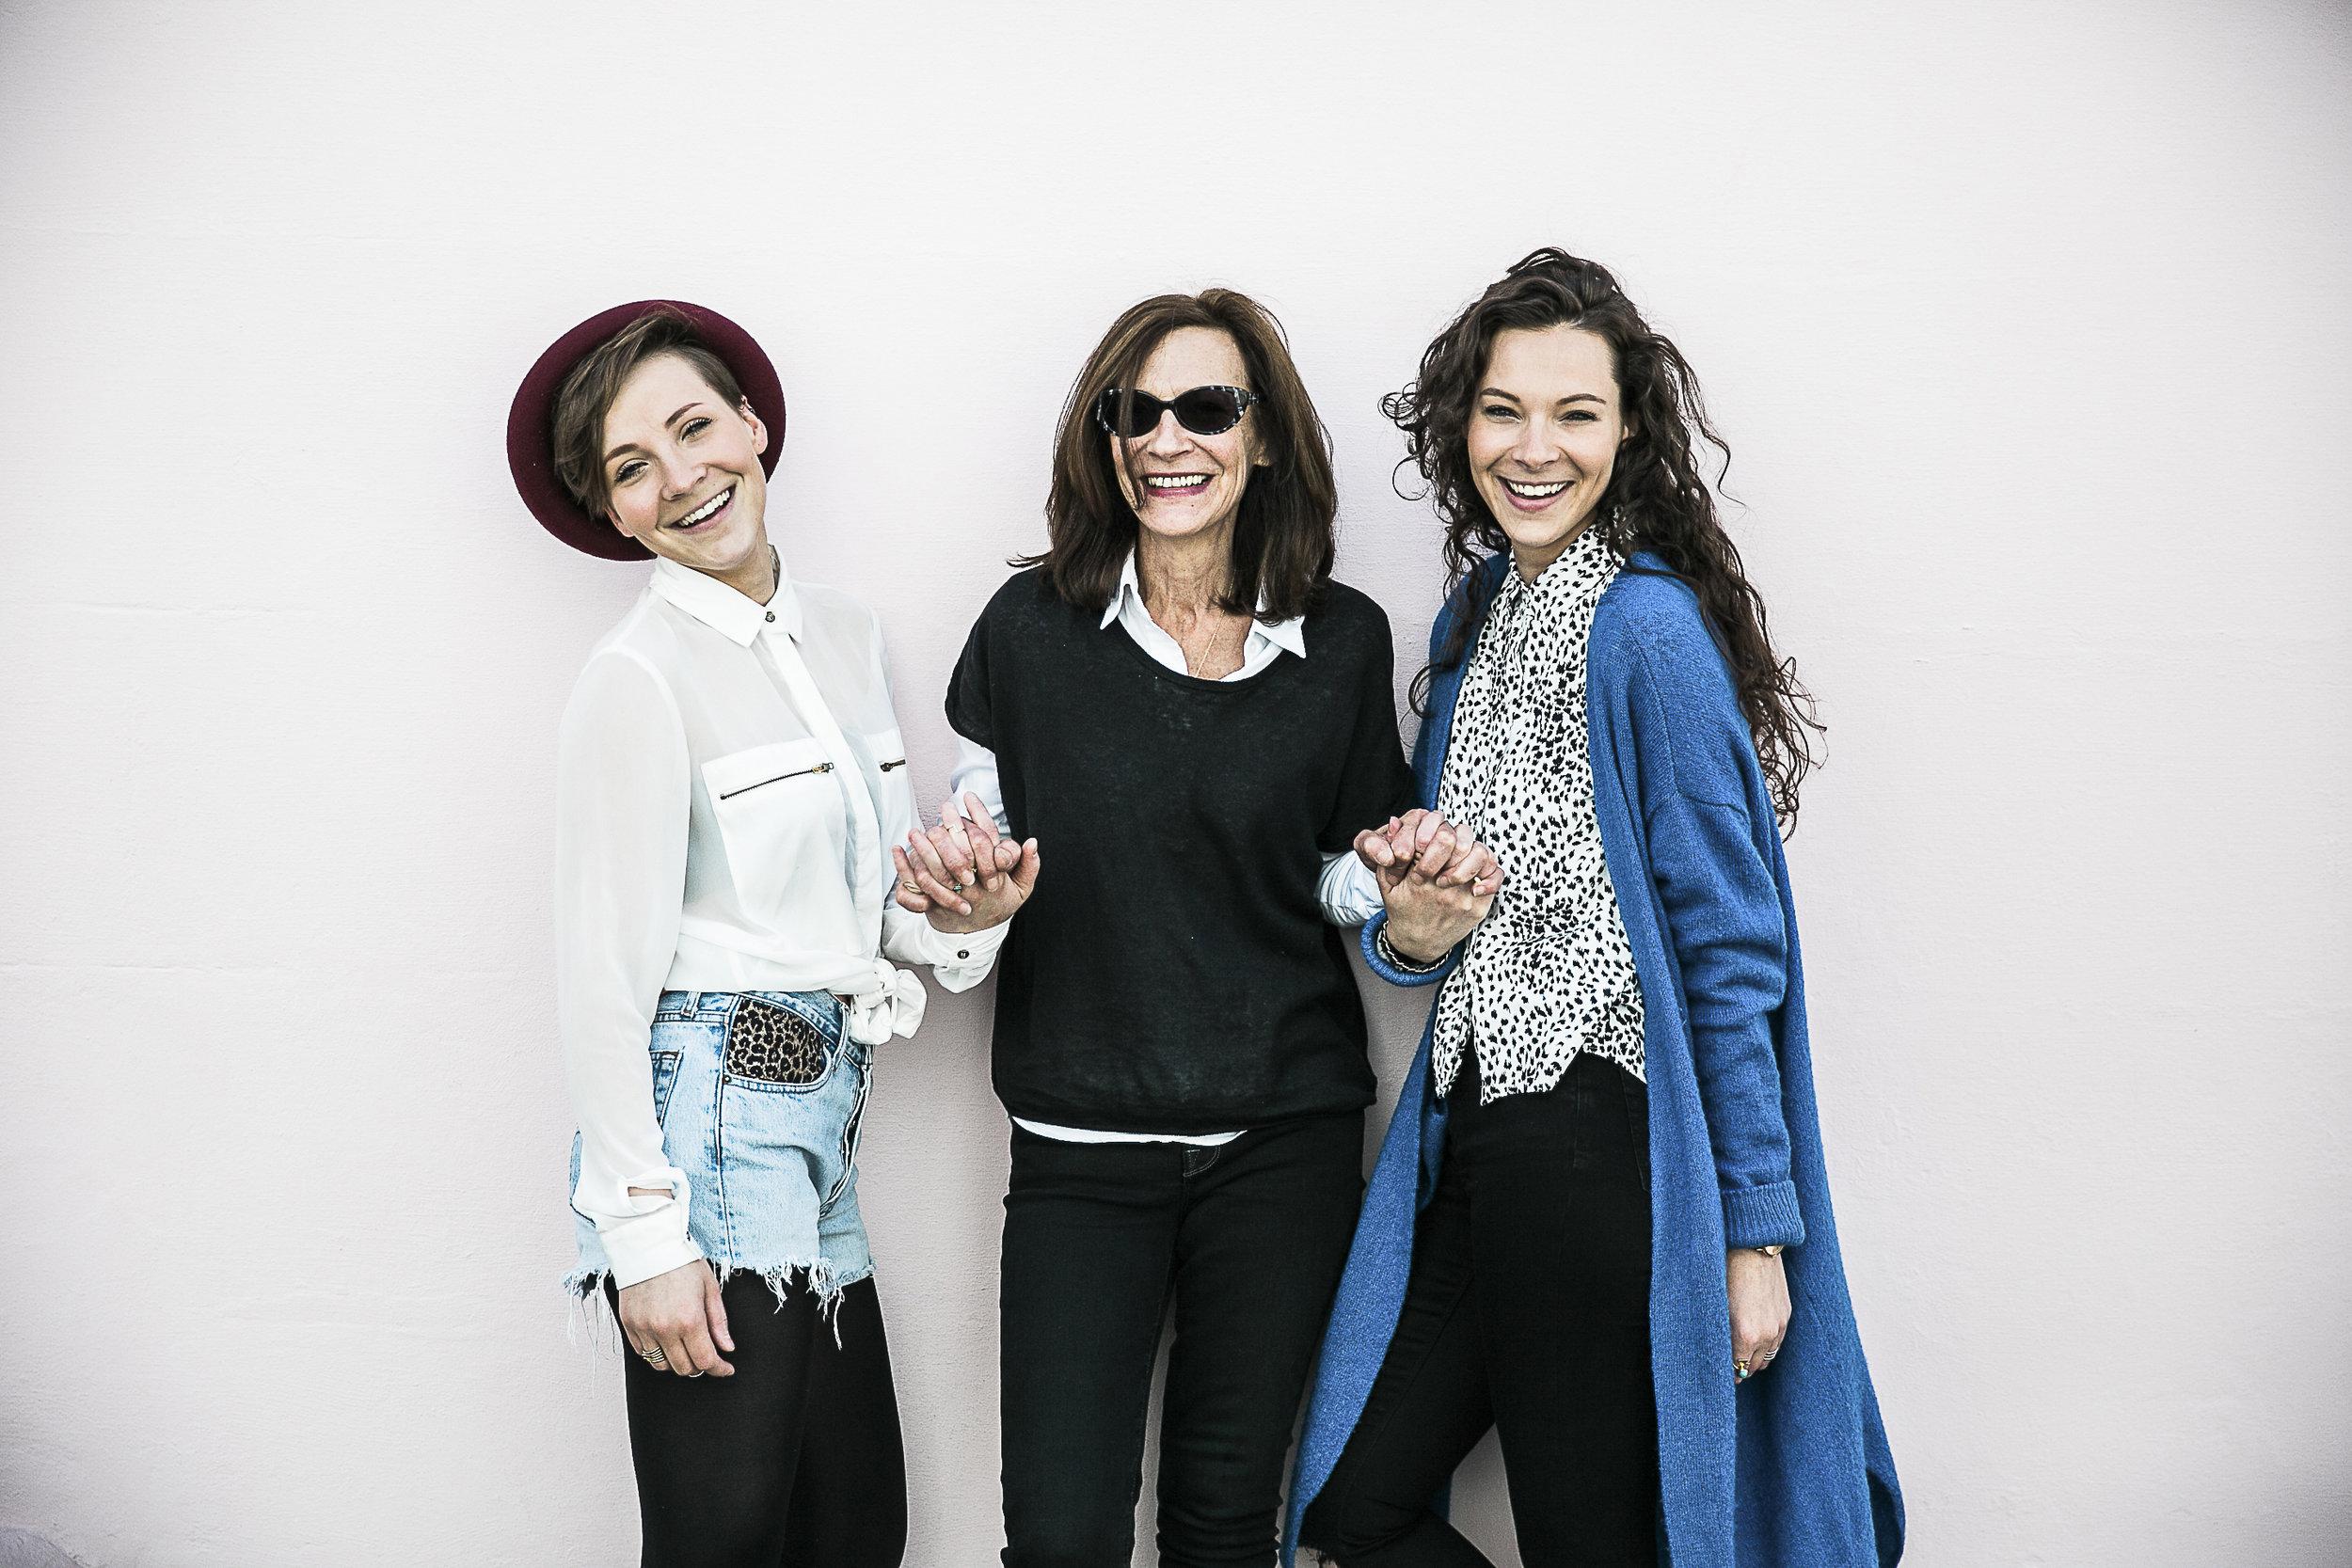 Audenza- Profile Imagery. Amelia, Jacqui and Hollie Brooks (2).JPG